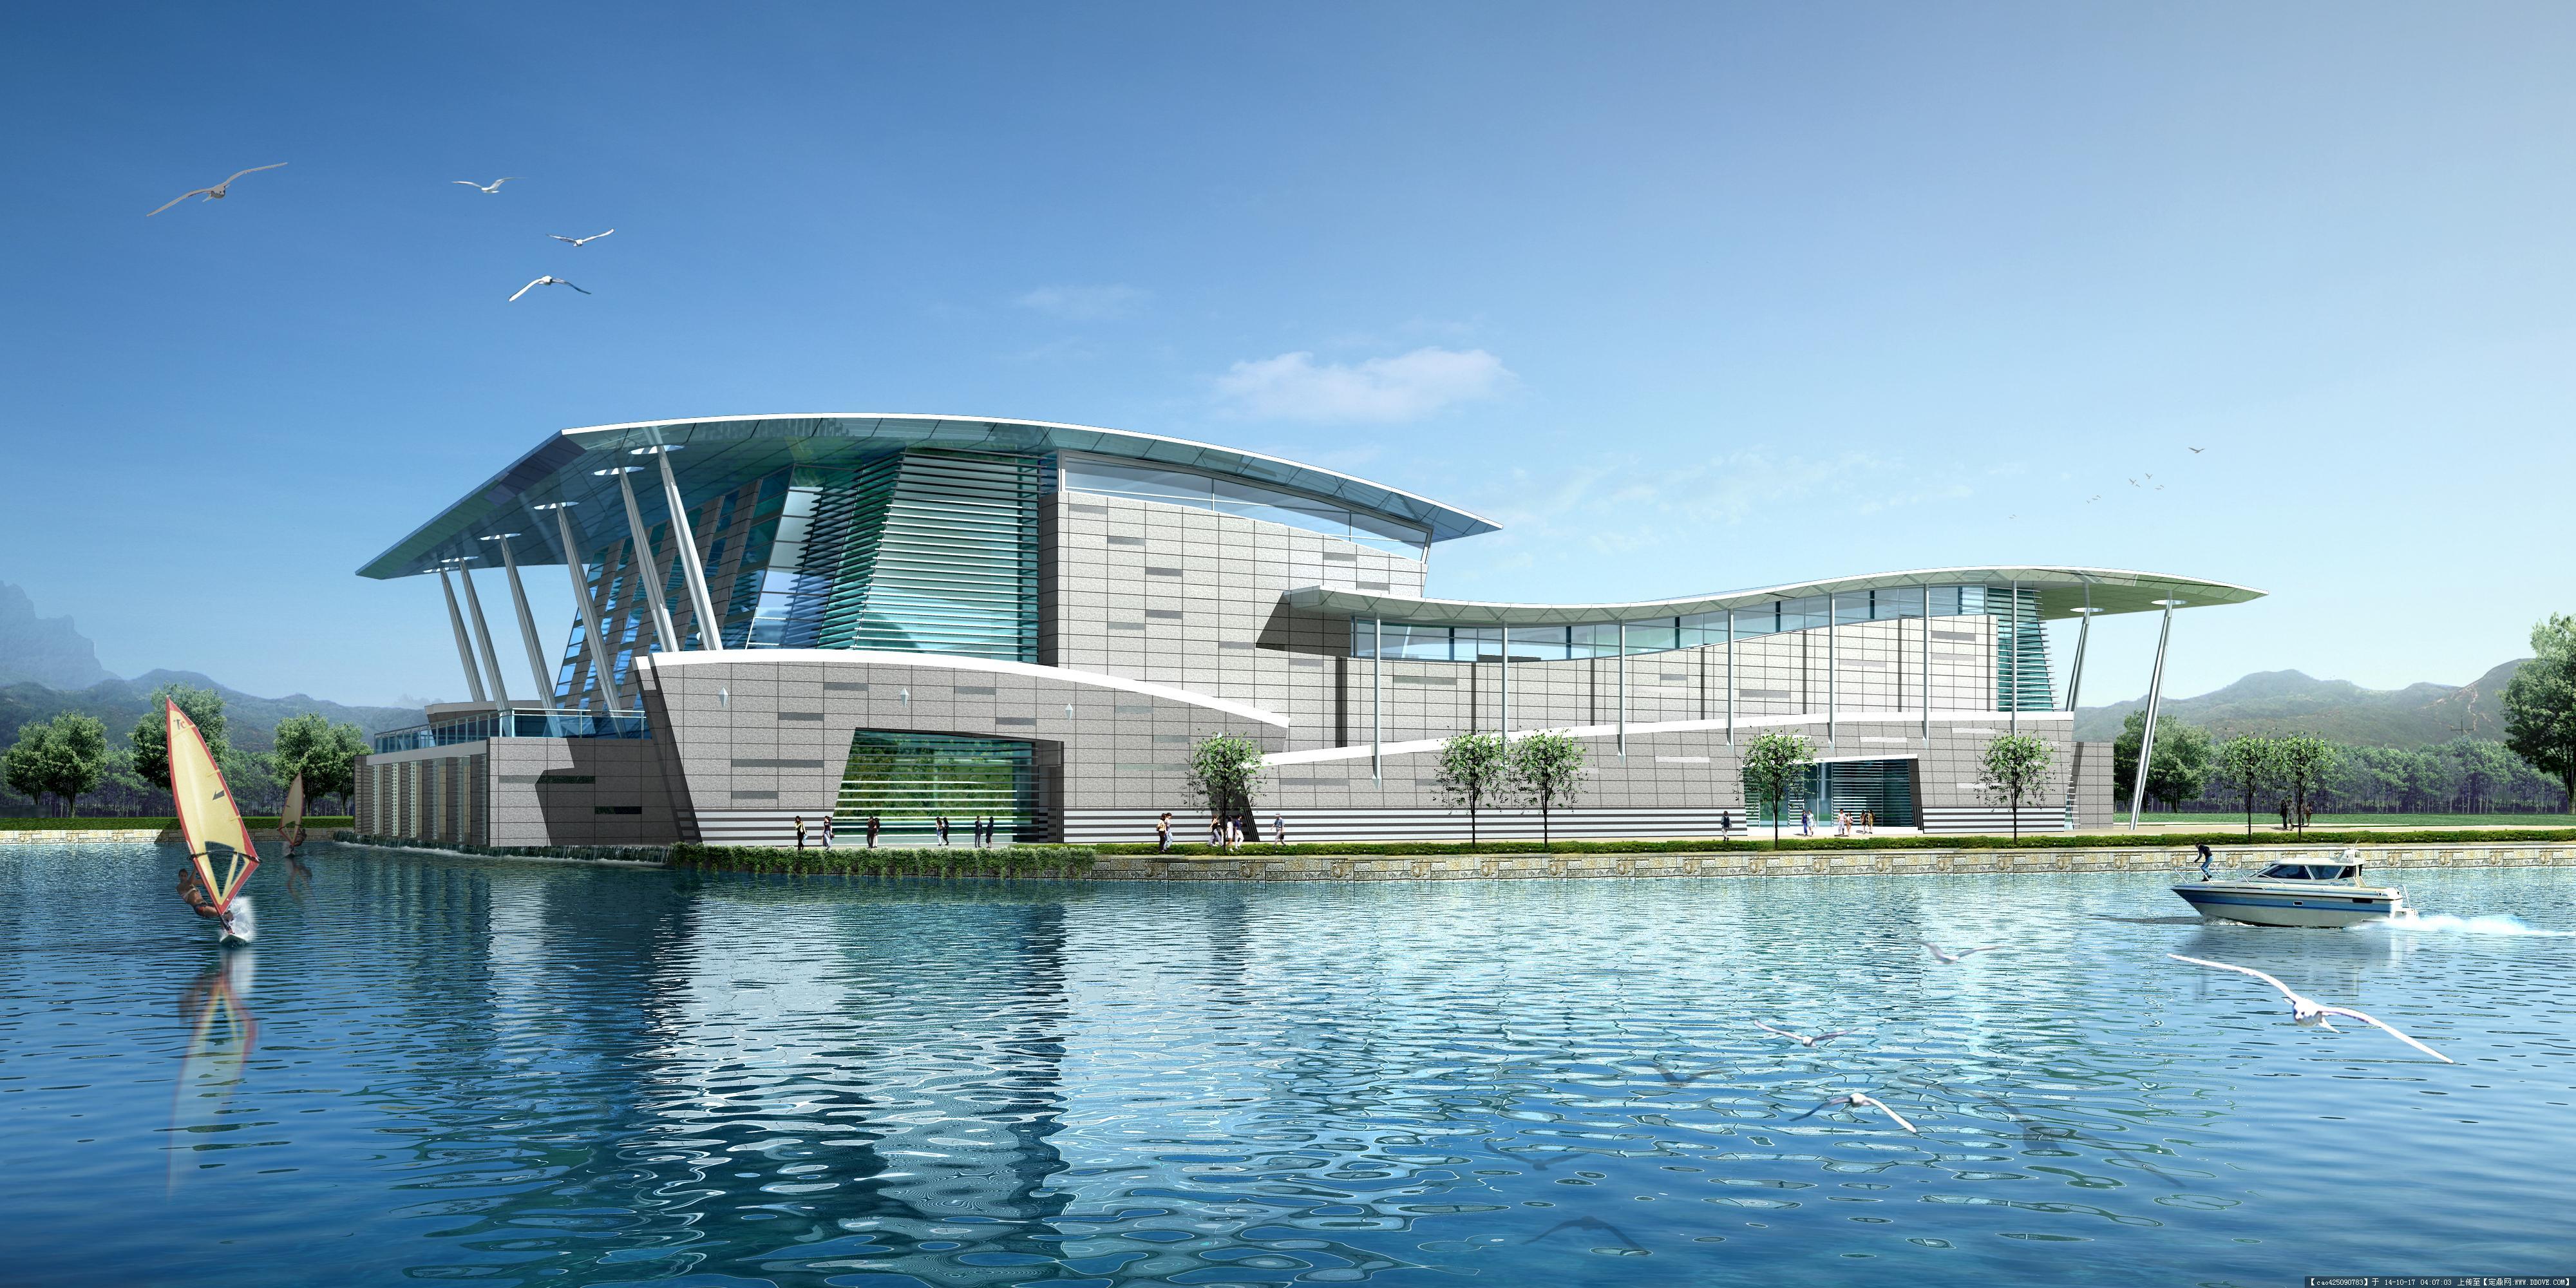 建筑公�9/y.&��!�m_水晶石住宅公建景观效果图大全十四的图片浏览,建筑图